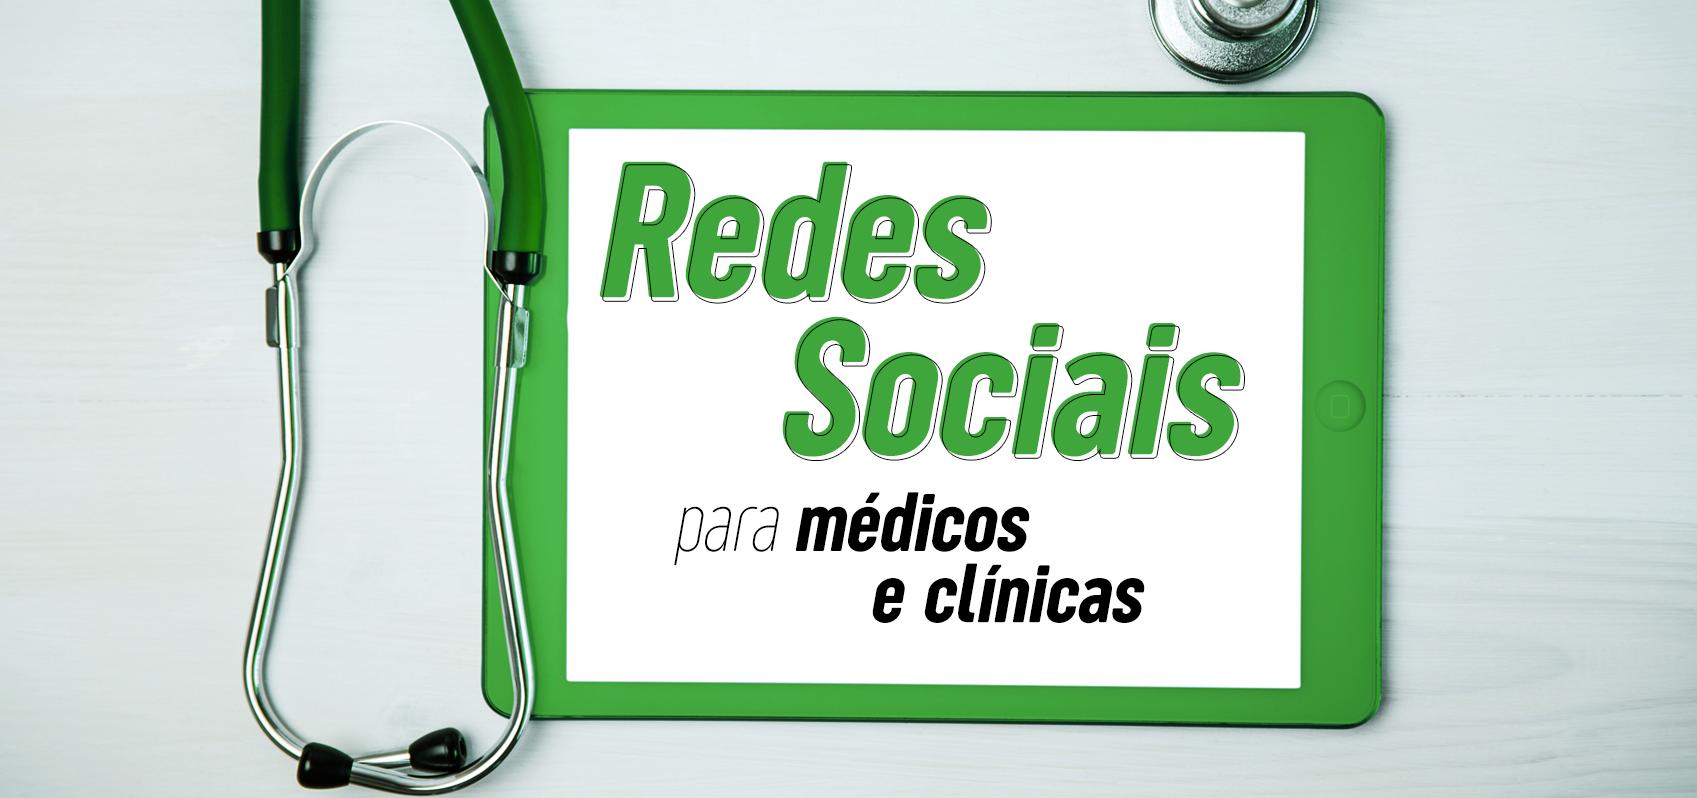 Redes sociais para médicos e clínicas